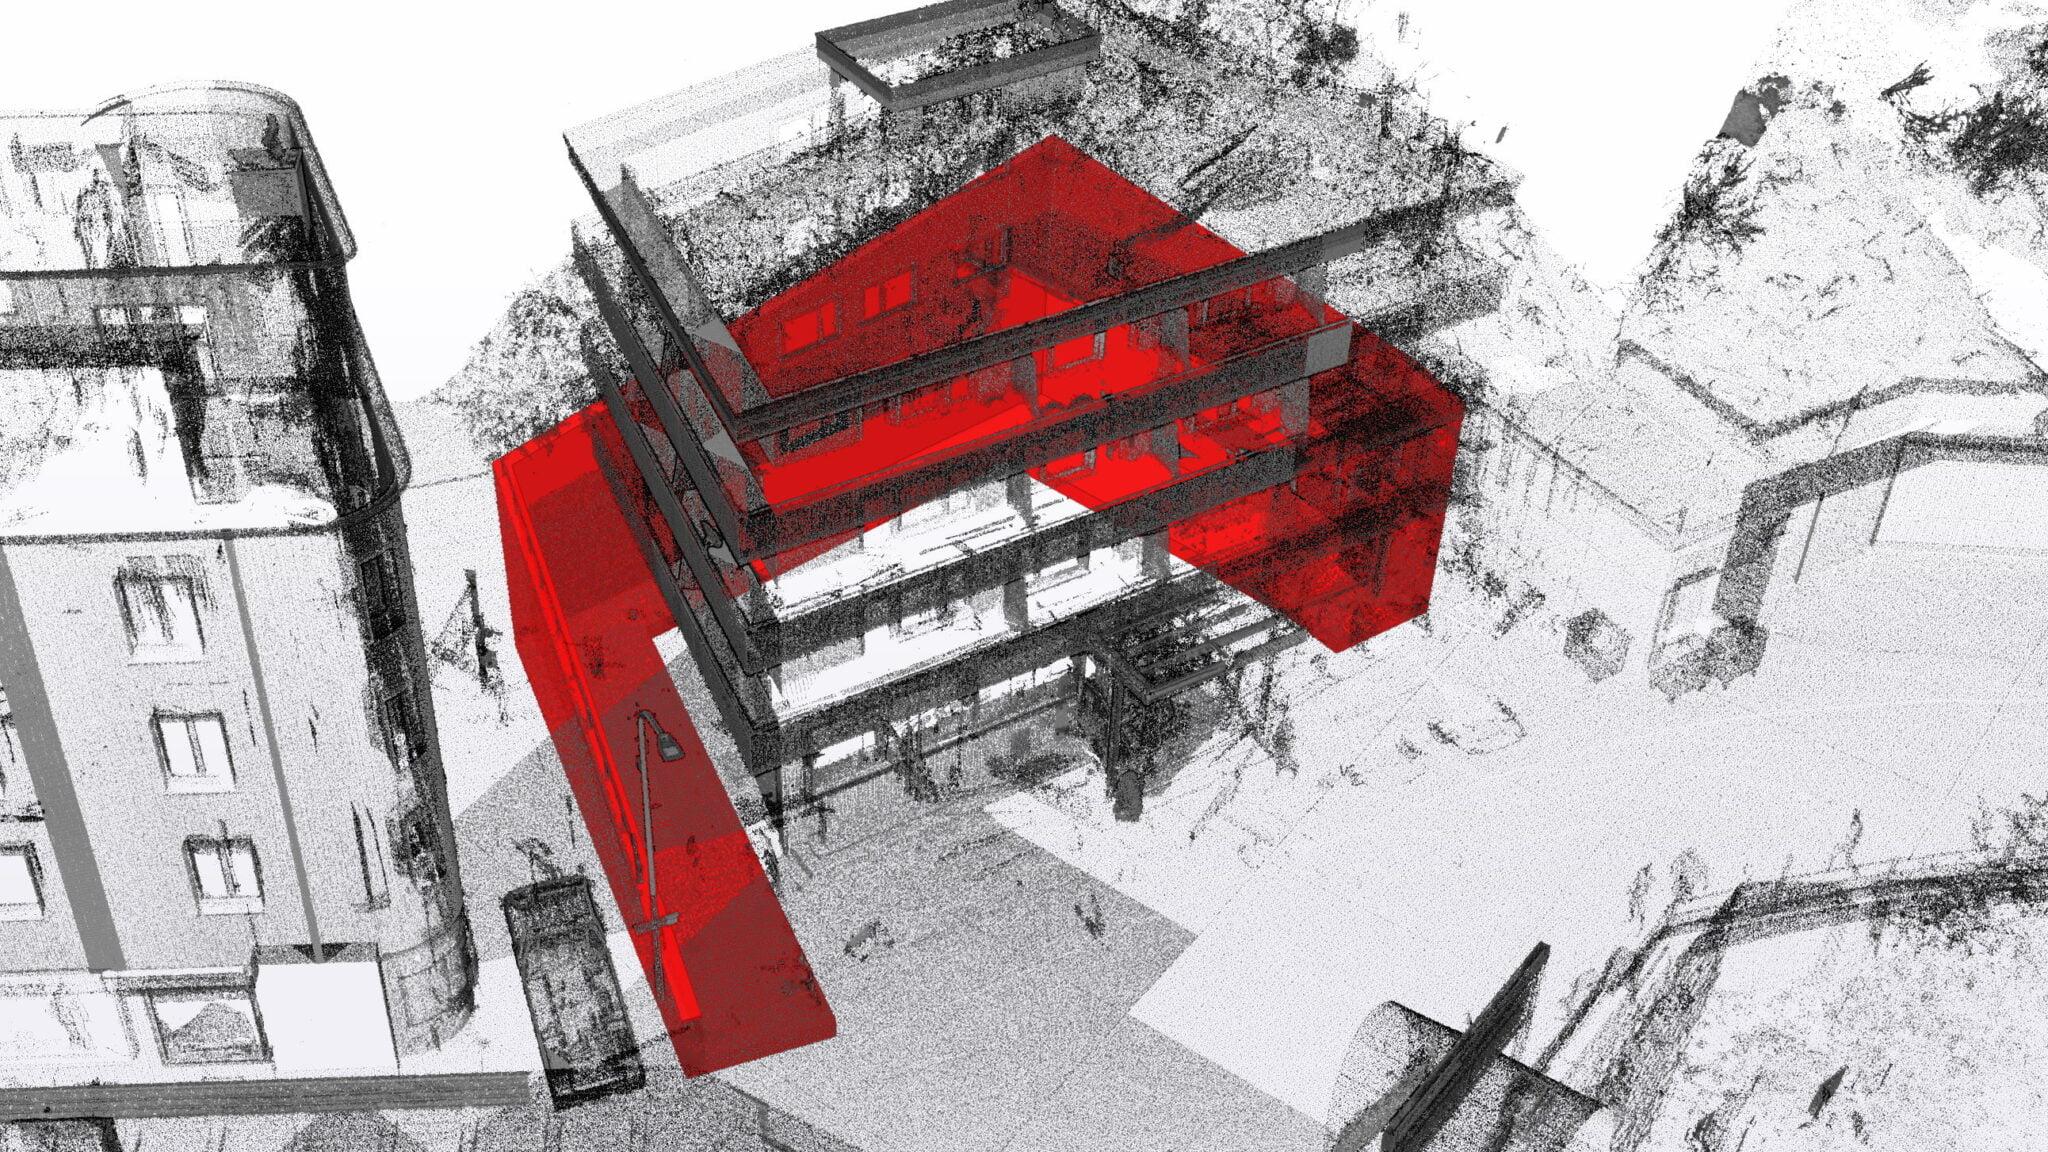 Modellierte Stützmauer ab Bauplänen und 3D-Laserscanningaufnahmen